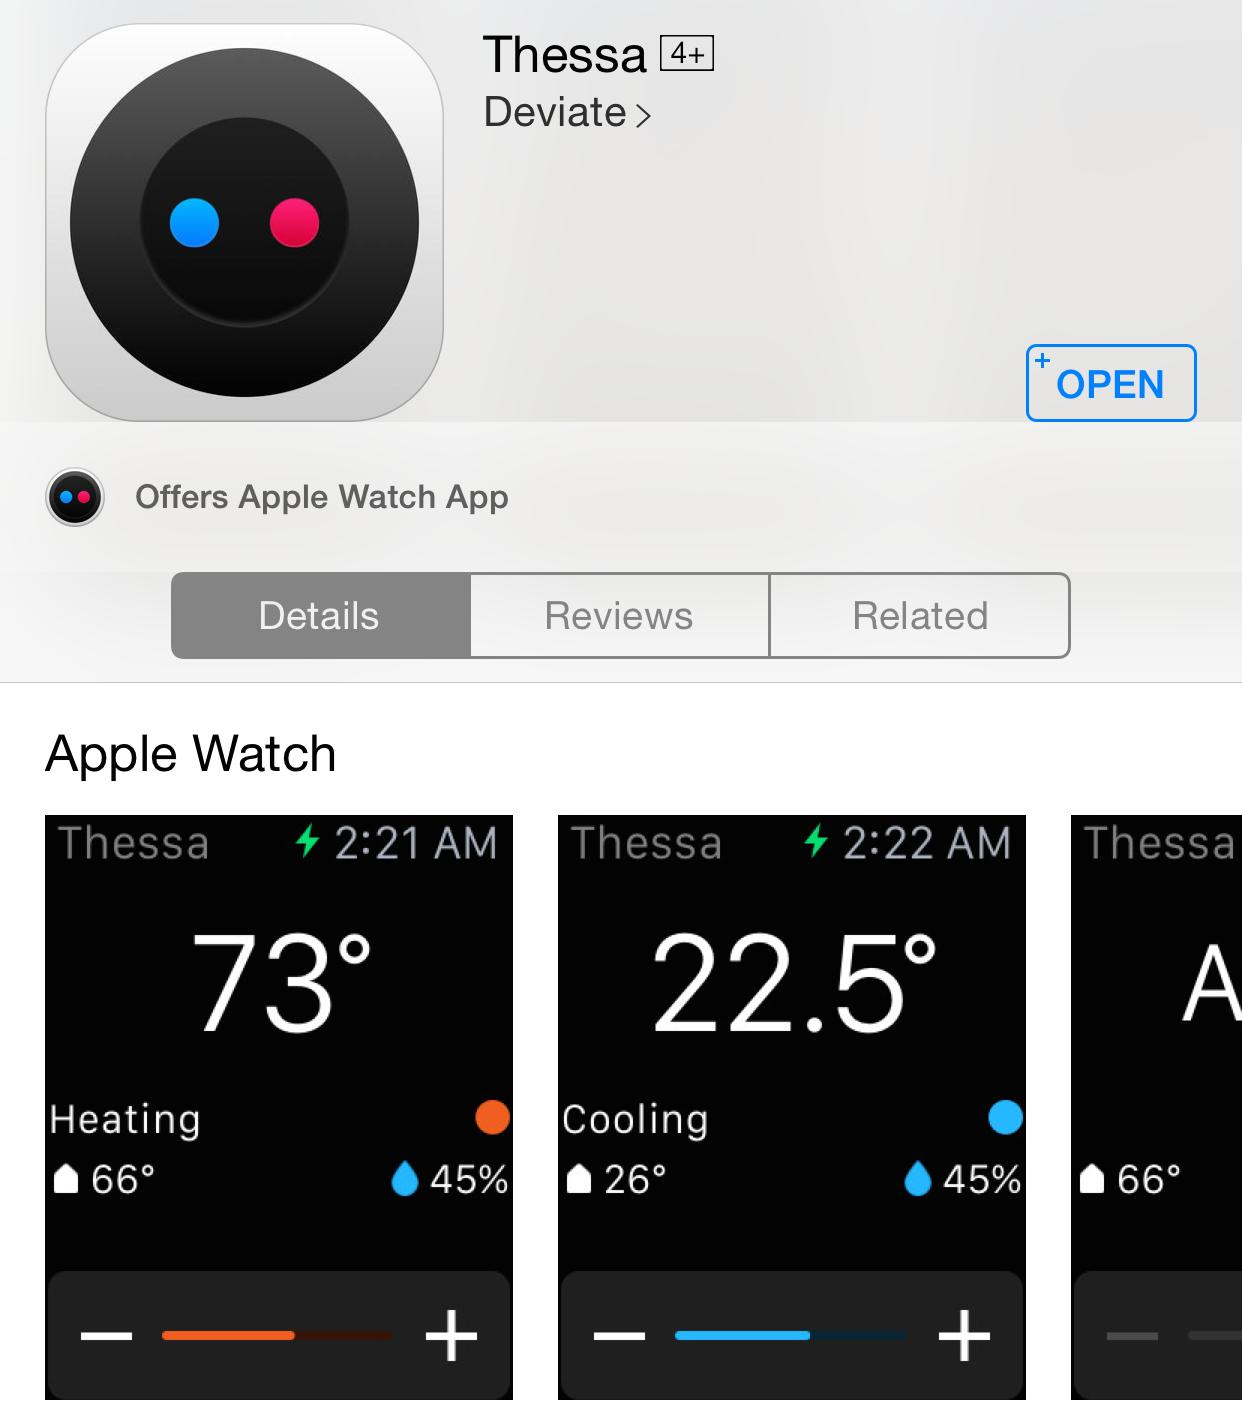 Offers Apple Watch App